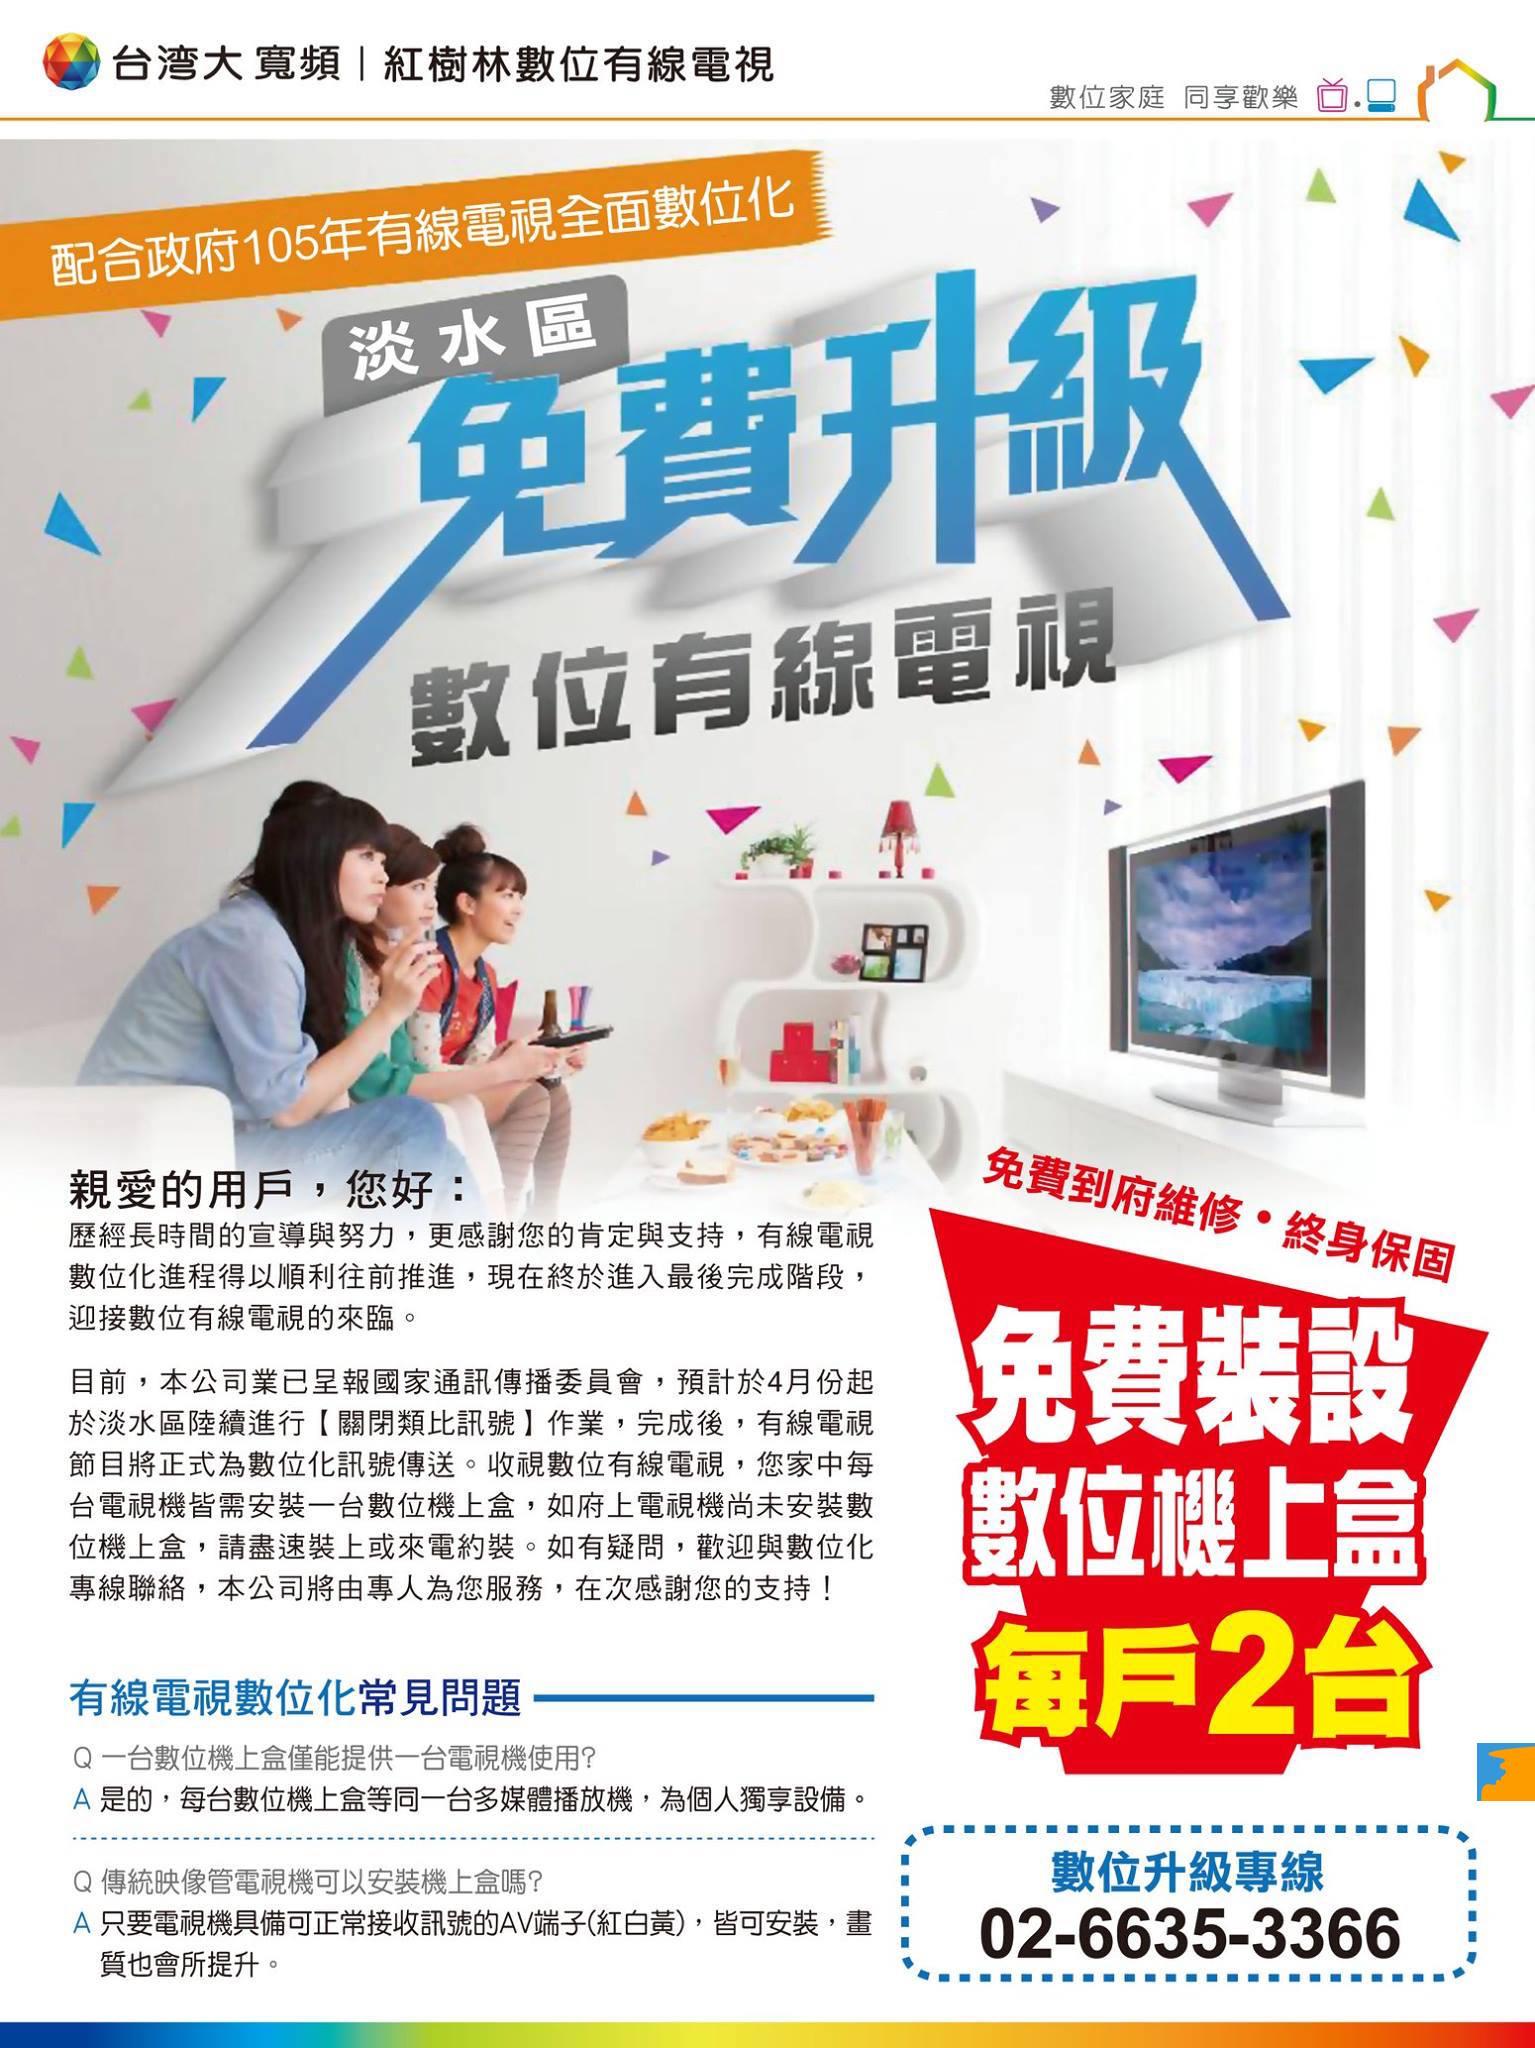 紅樹林數位有線電視-台灣大寬頻-免費裝設數位機上盒